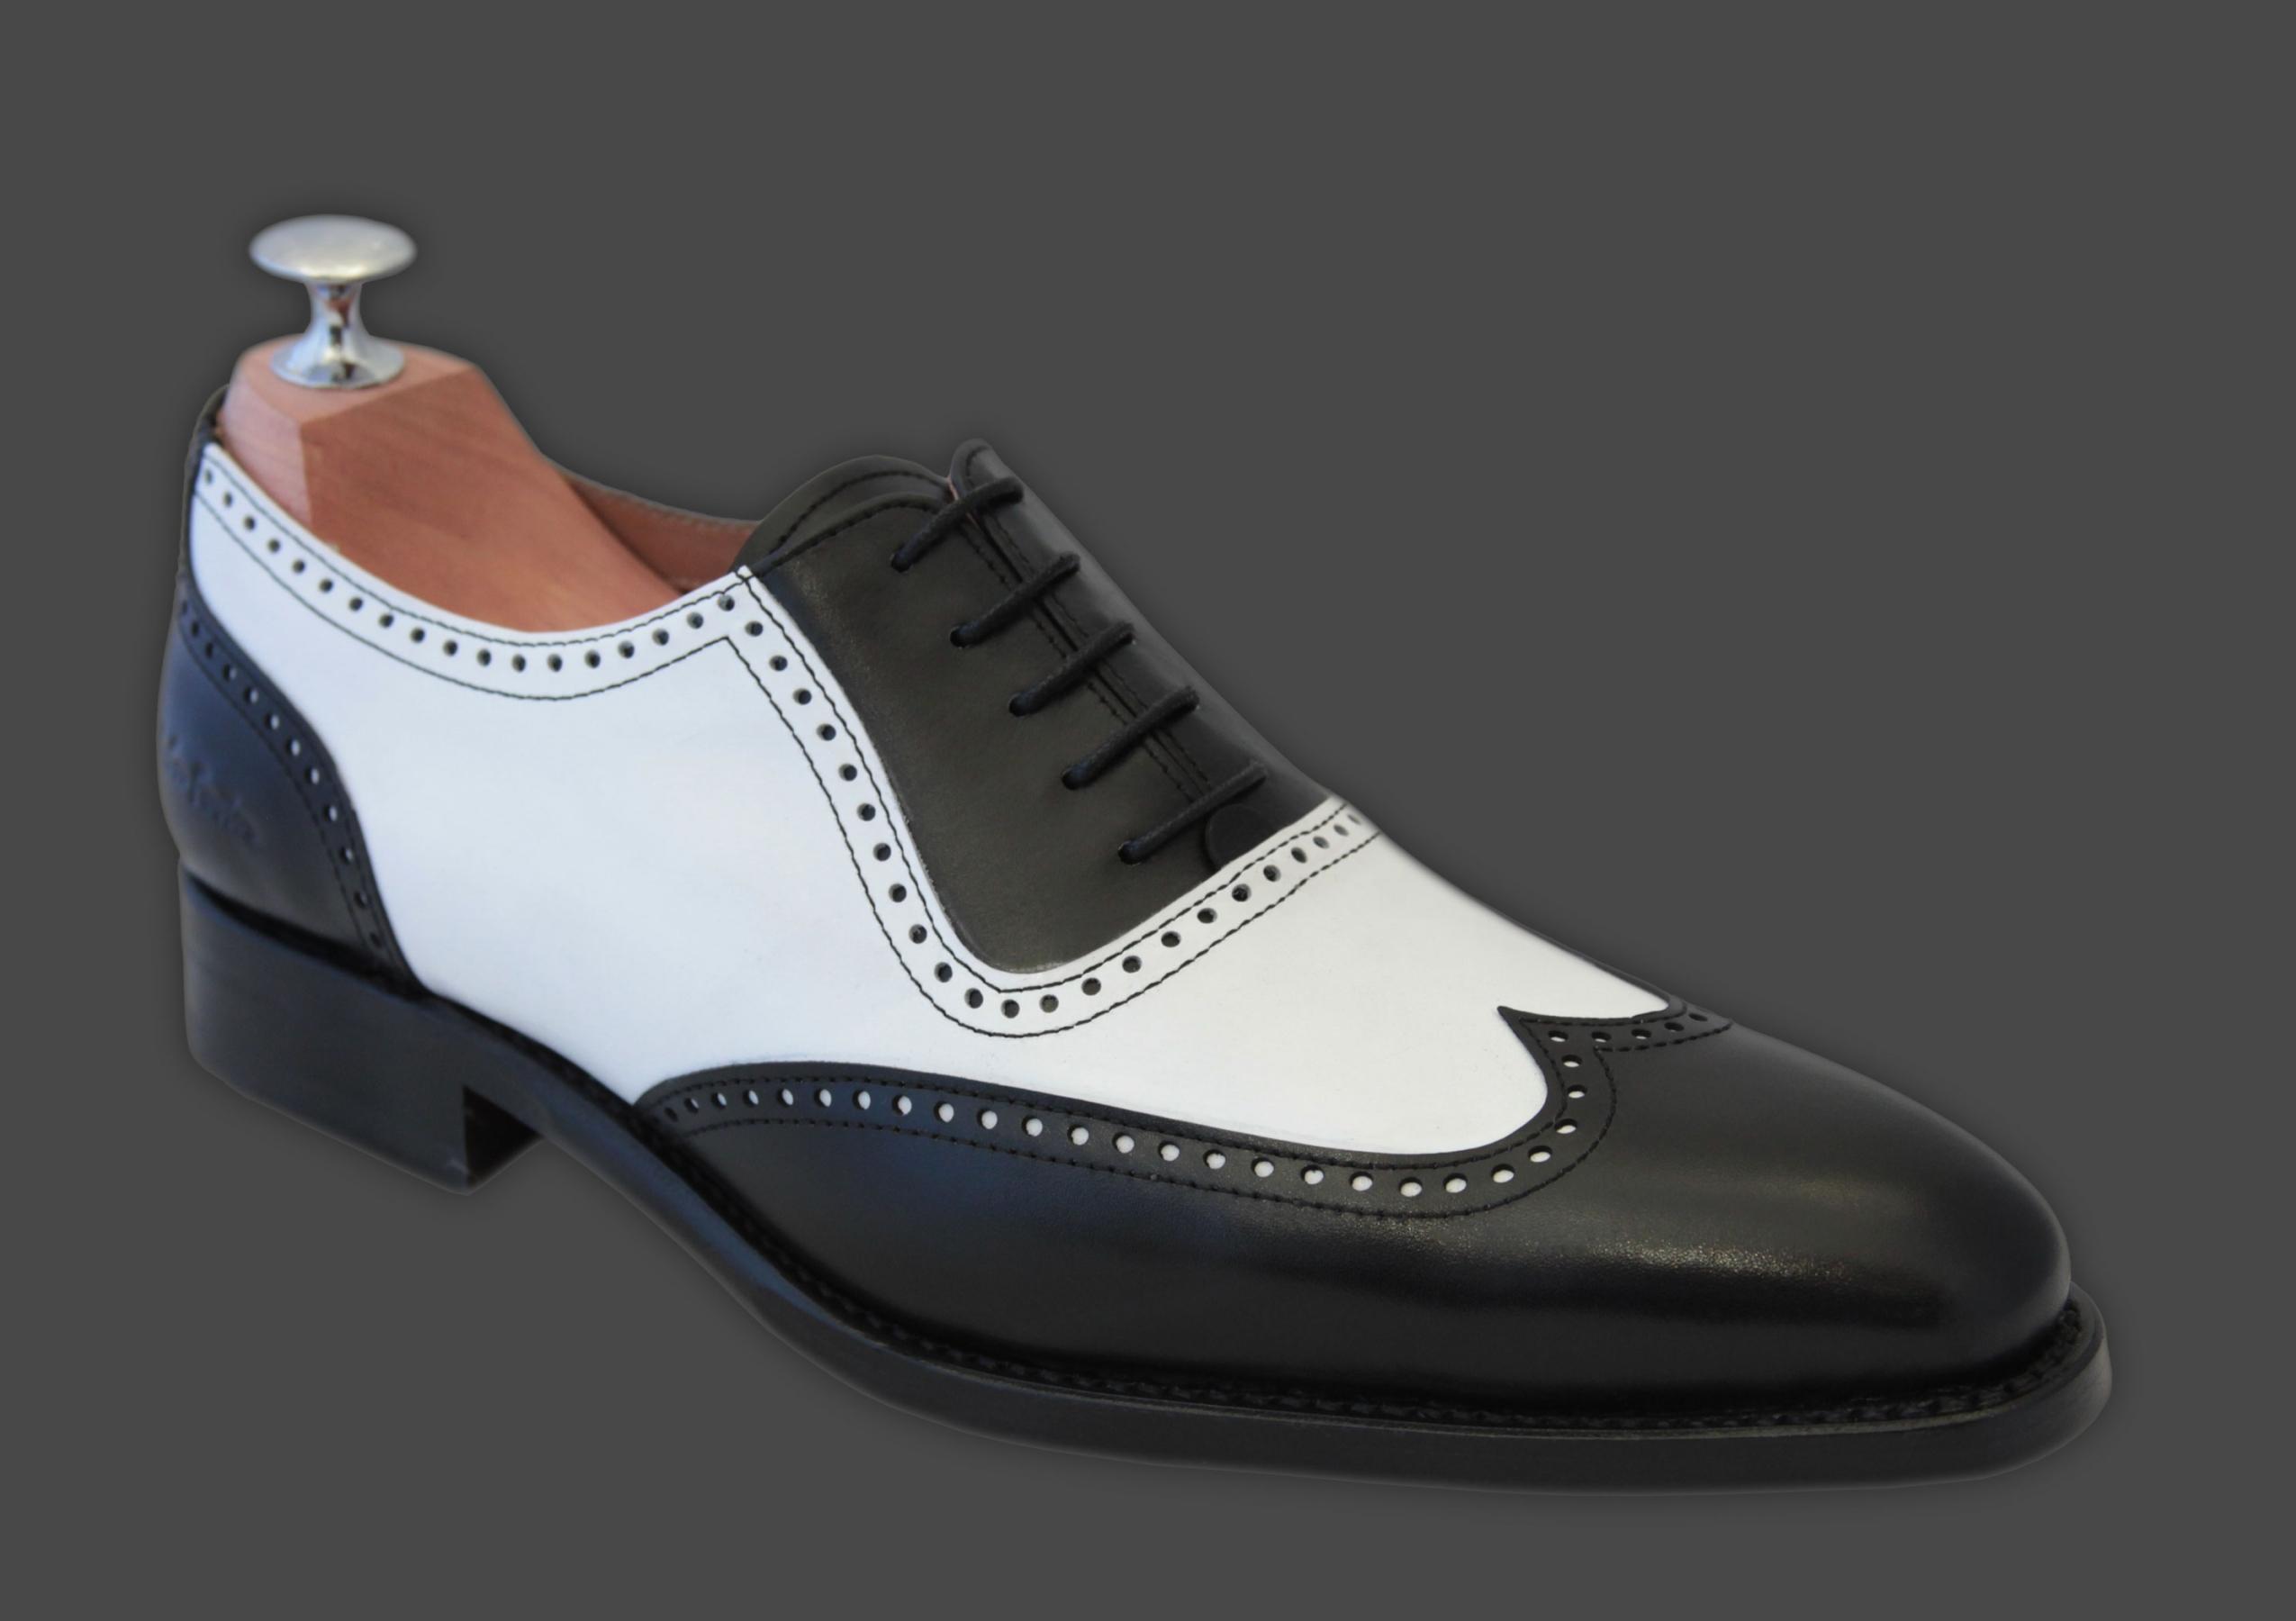 chaussures bicolores noir blanc